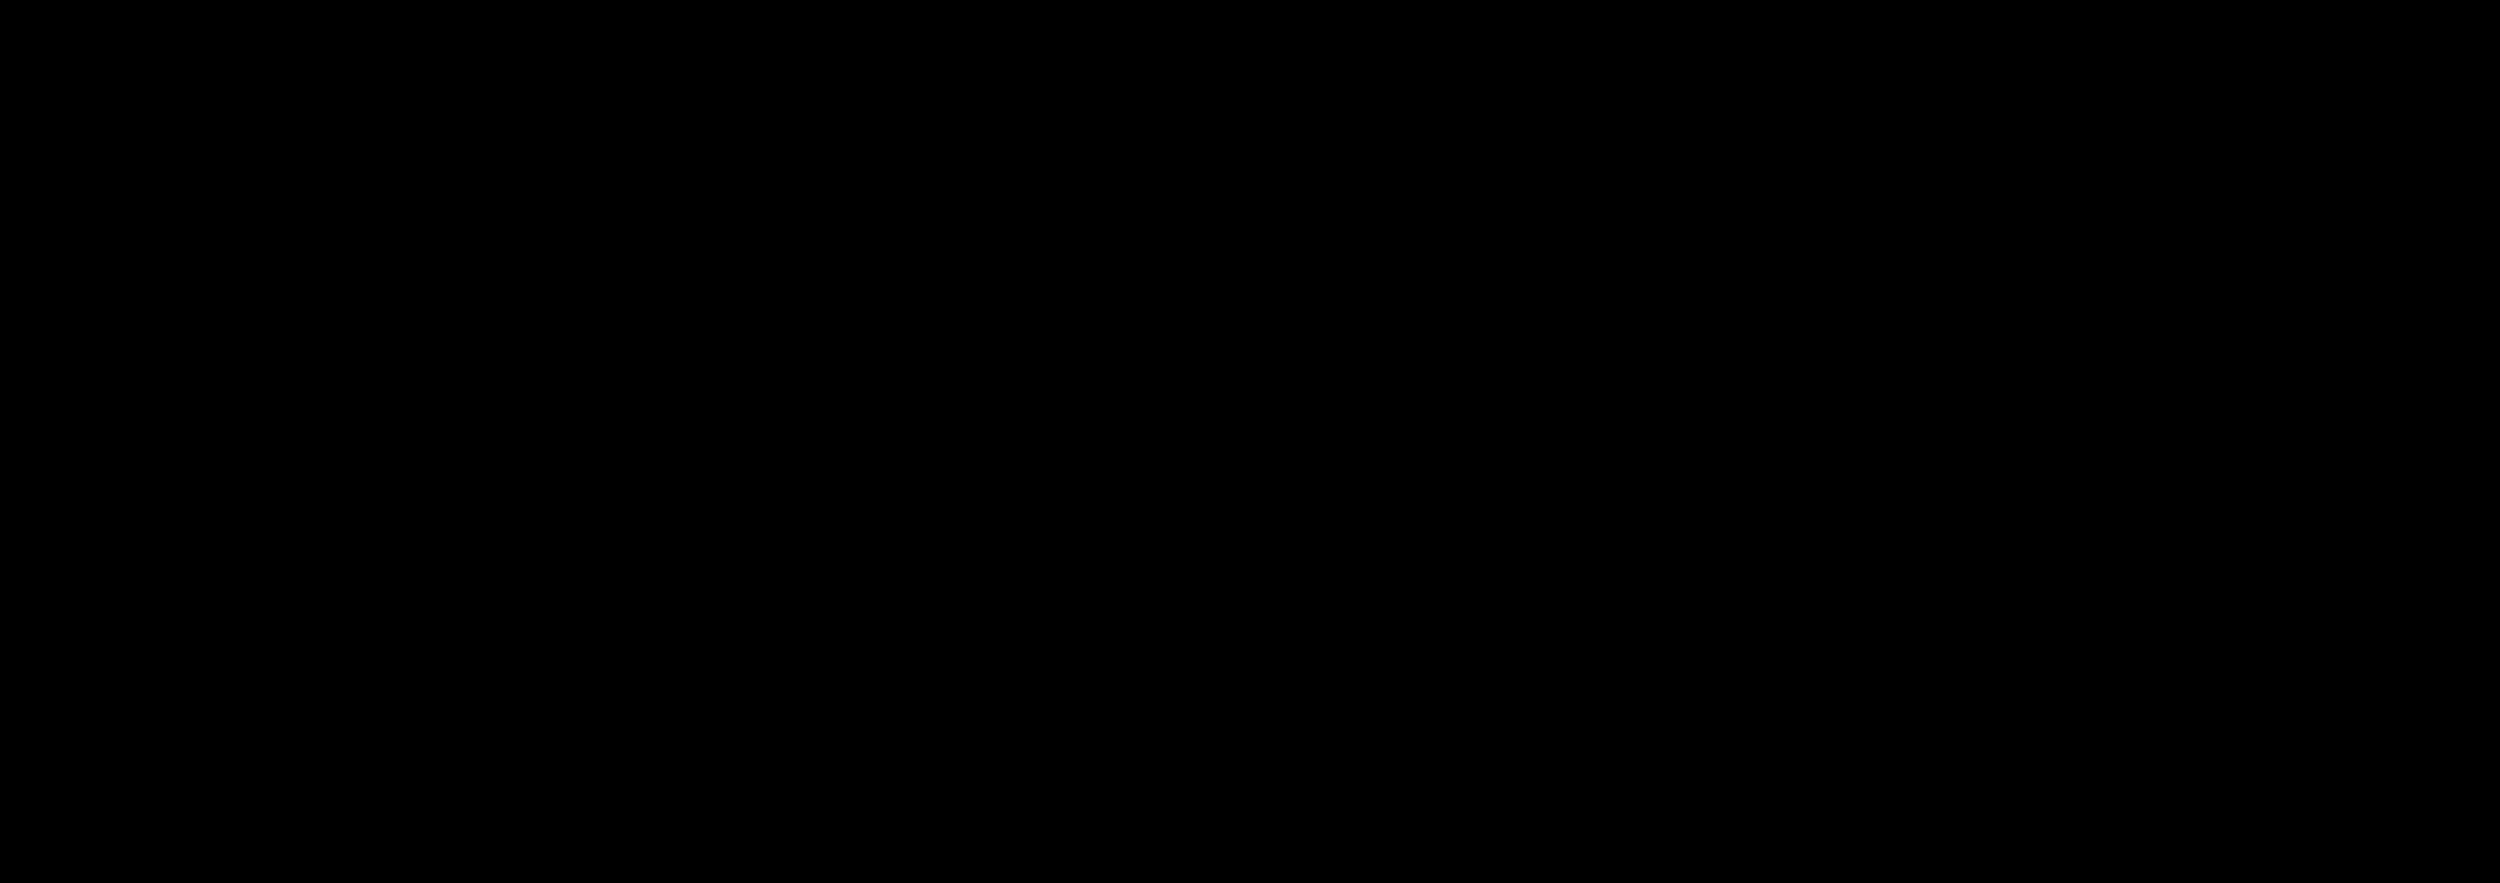 Omadi_ON_Logo_Badge_Horiz_K_TBG.png